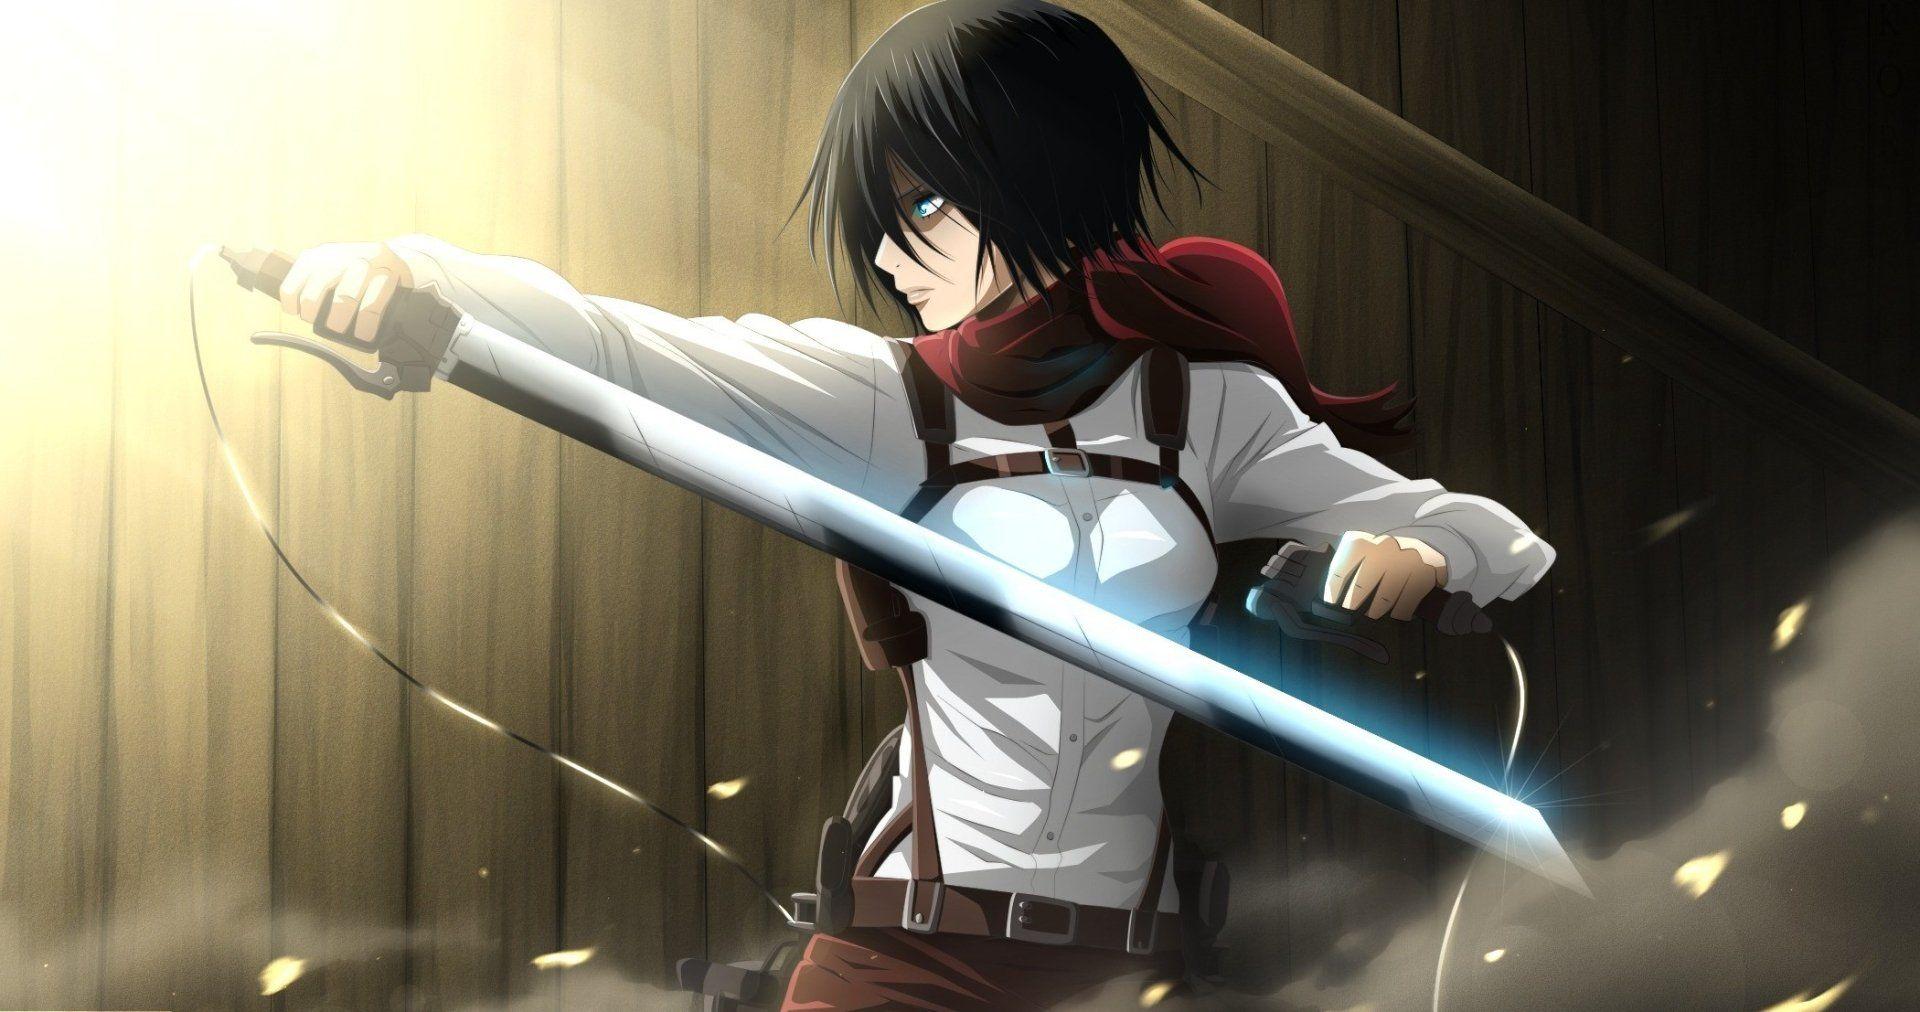 Anime Attack On Titan Mikasa Ackerman Weapon Black Hair